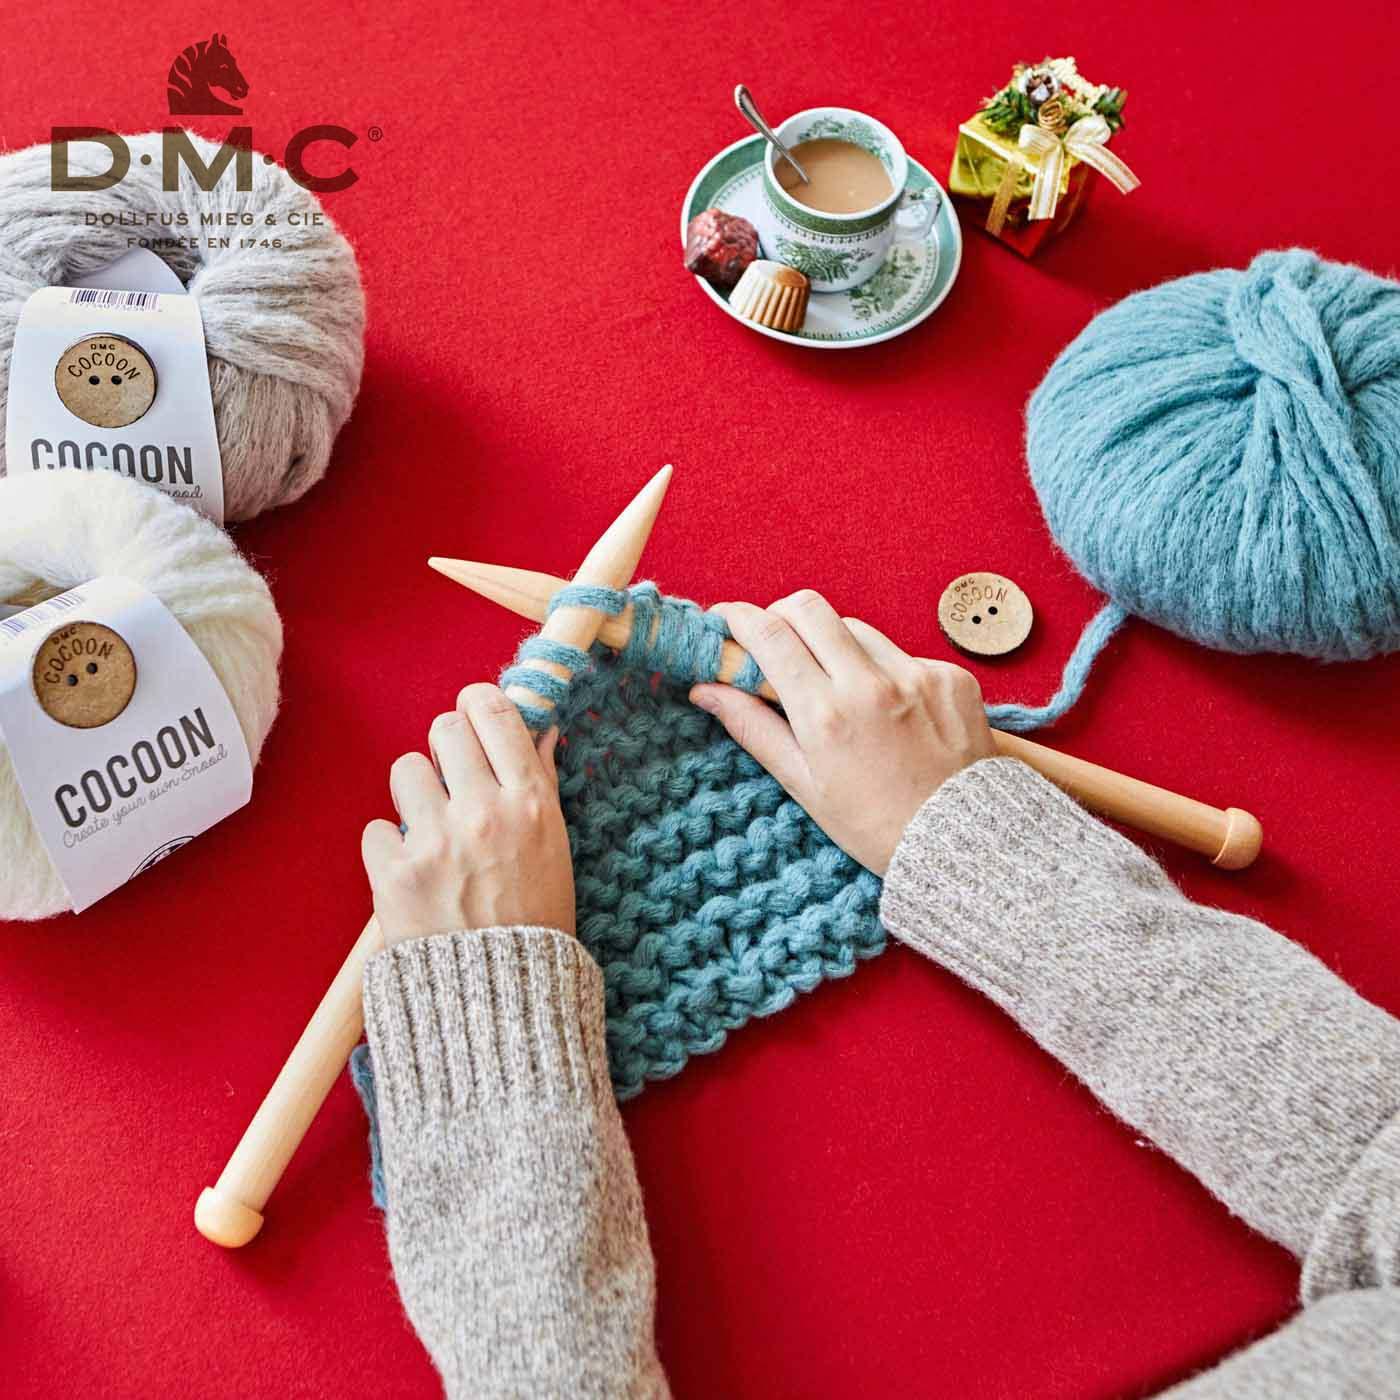 ジャンボ棒針でざくざく編んで、あっという間に完成!(※棒針は糸に付属していません。別途ご用意ください。)